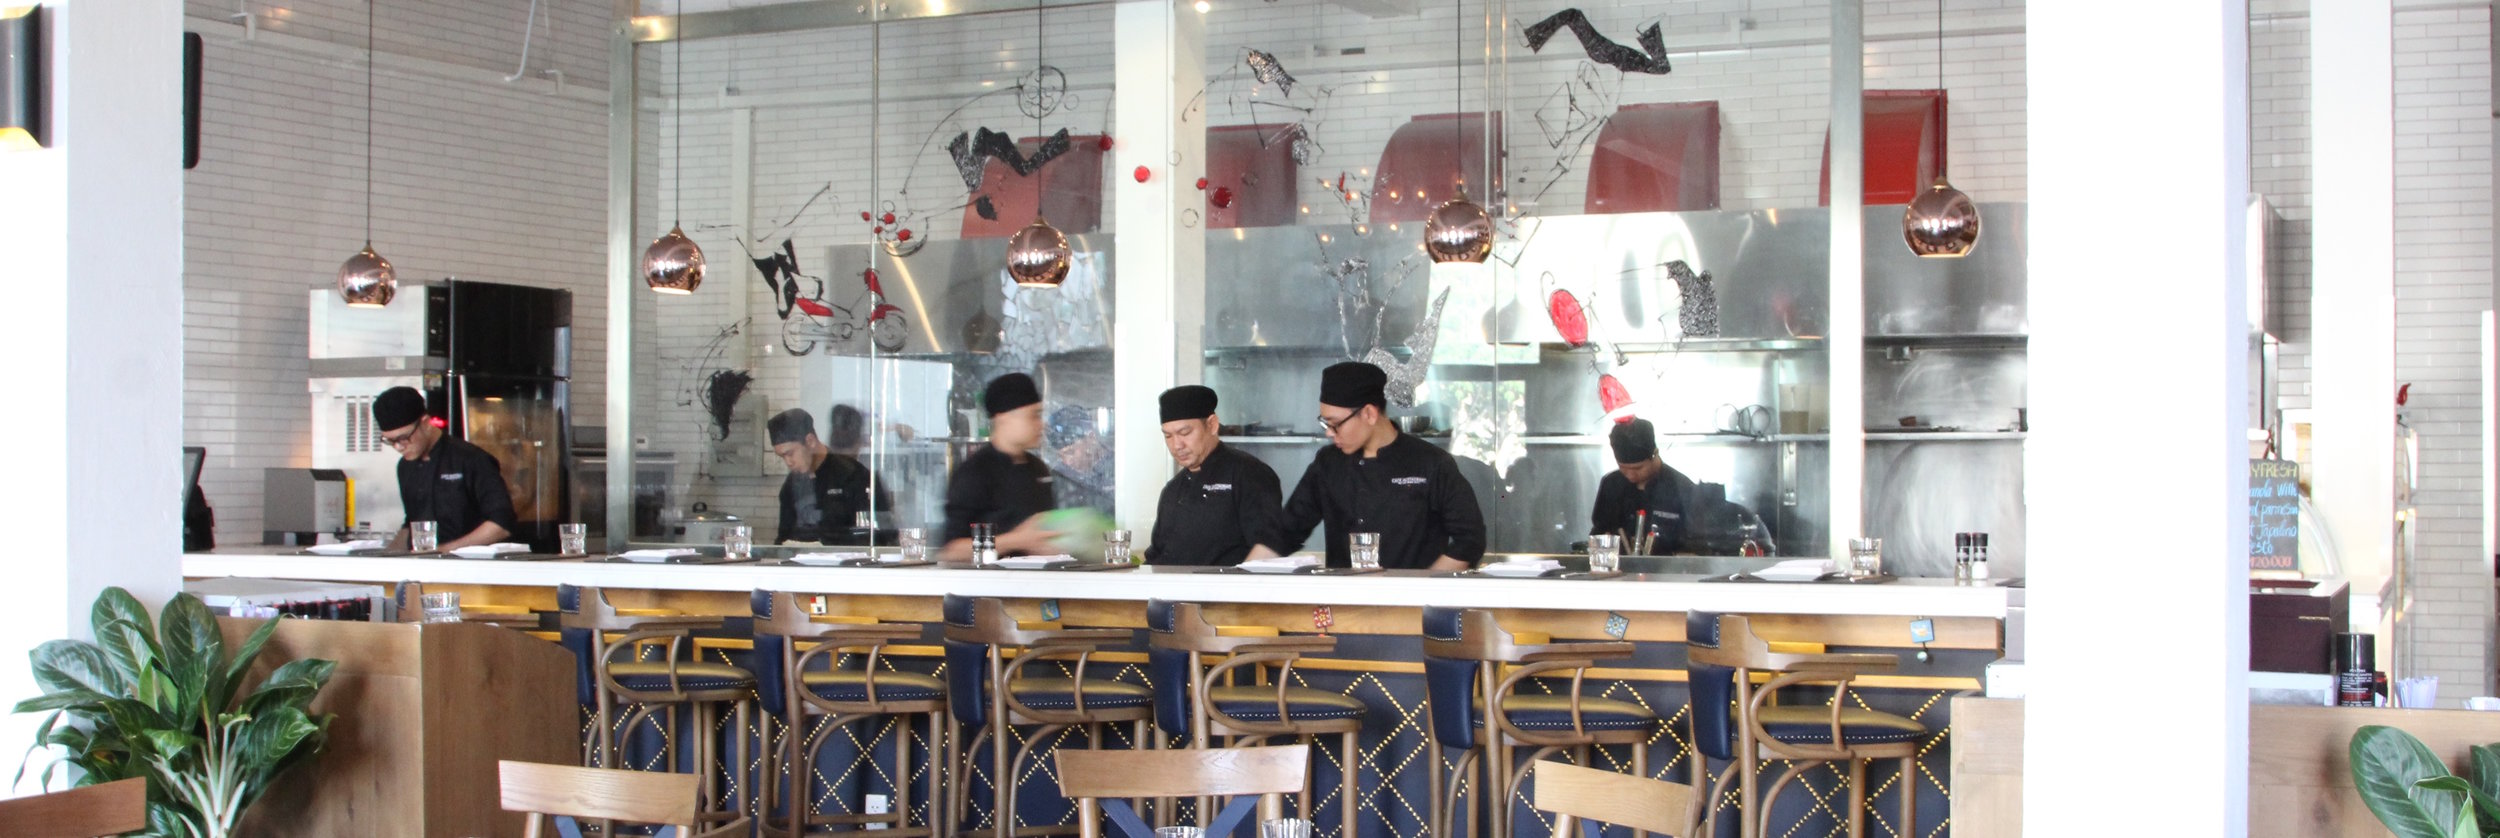 Café-Restaurant Ho Chi Minh City (9) copy.jpg